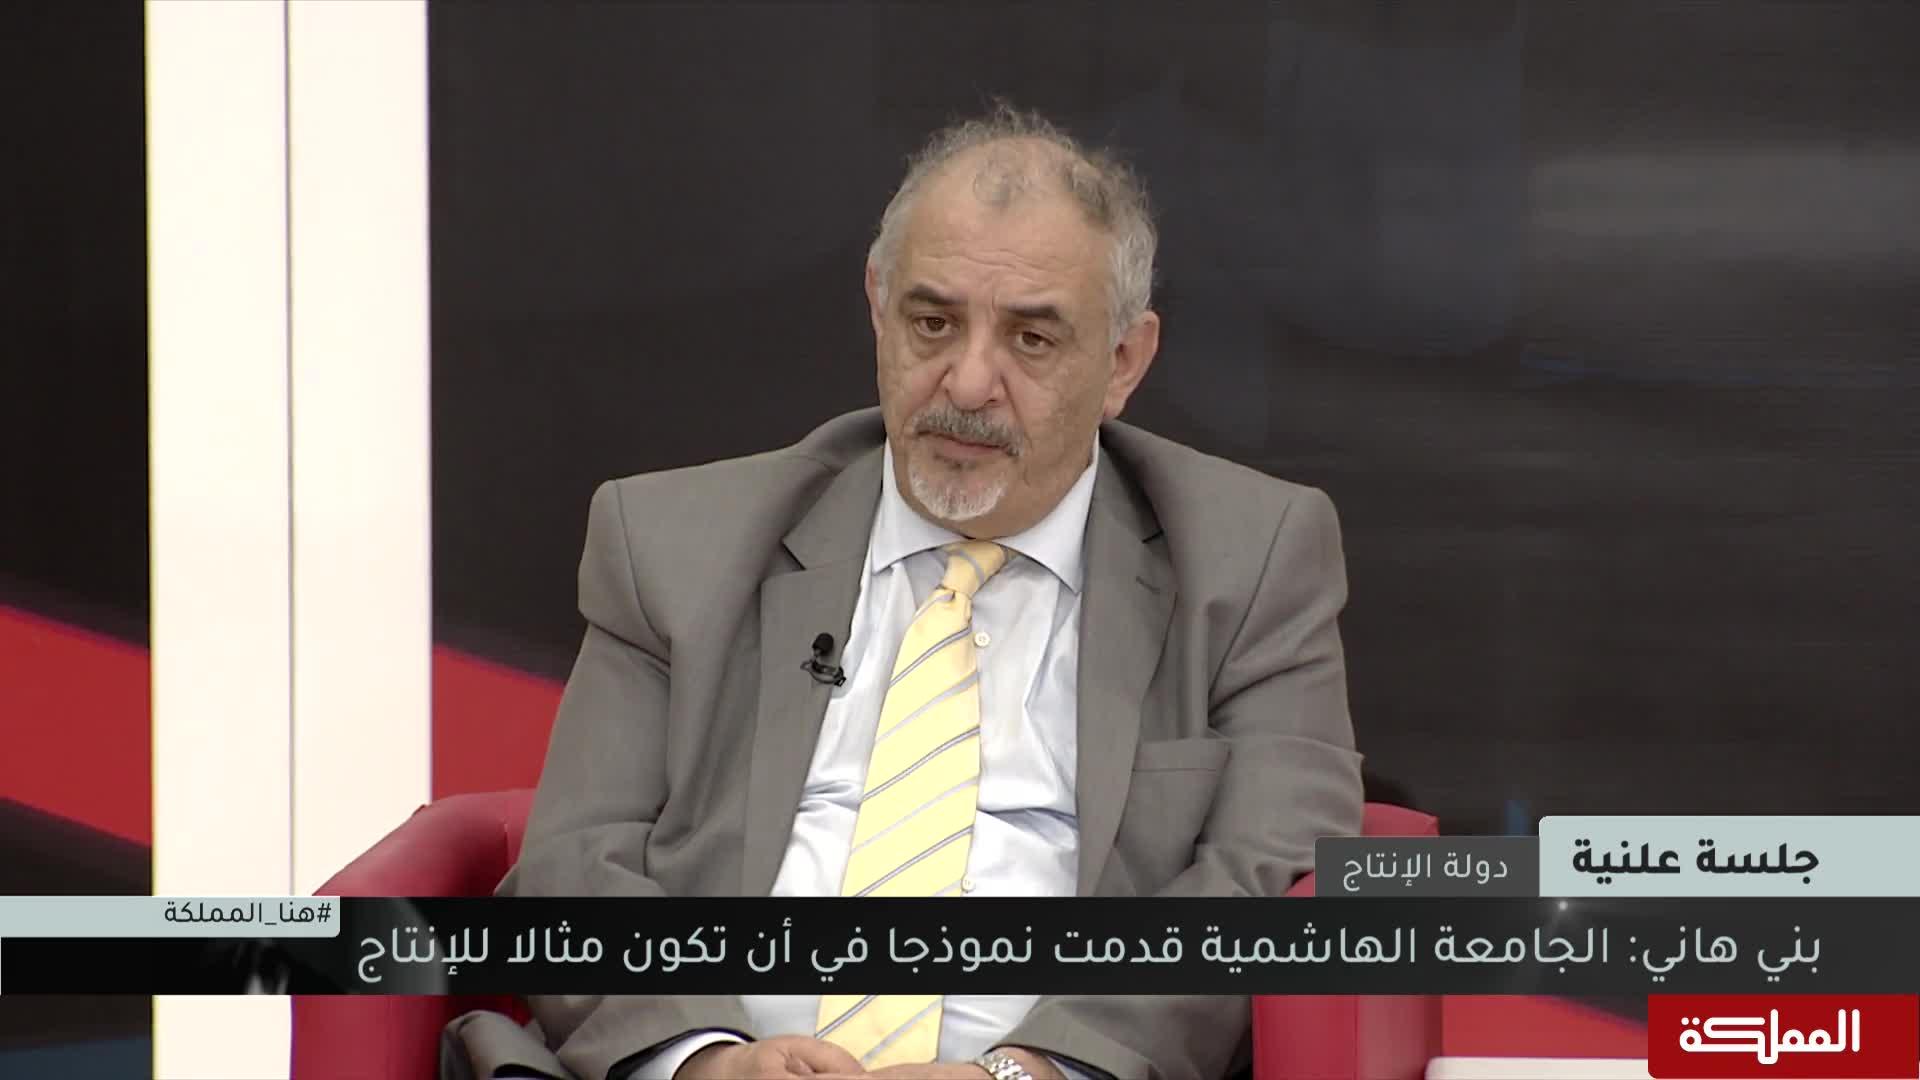 جلسة علنية | دولة الإنتاج .. محافظة الزرقاء نموذجا .. الجزء الأول